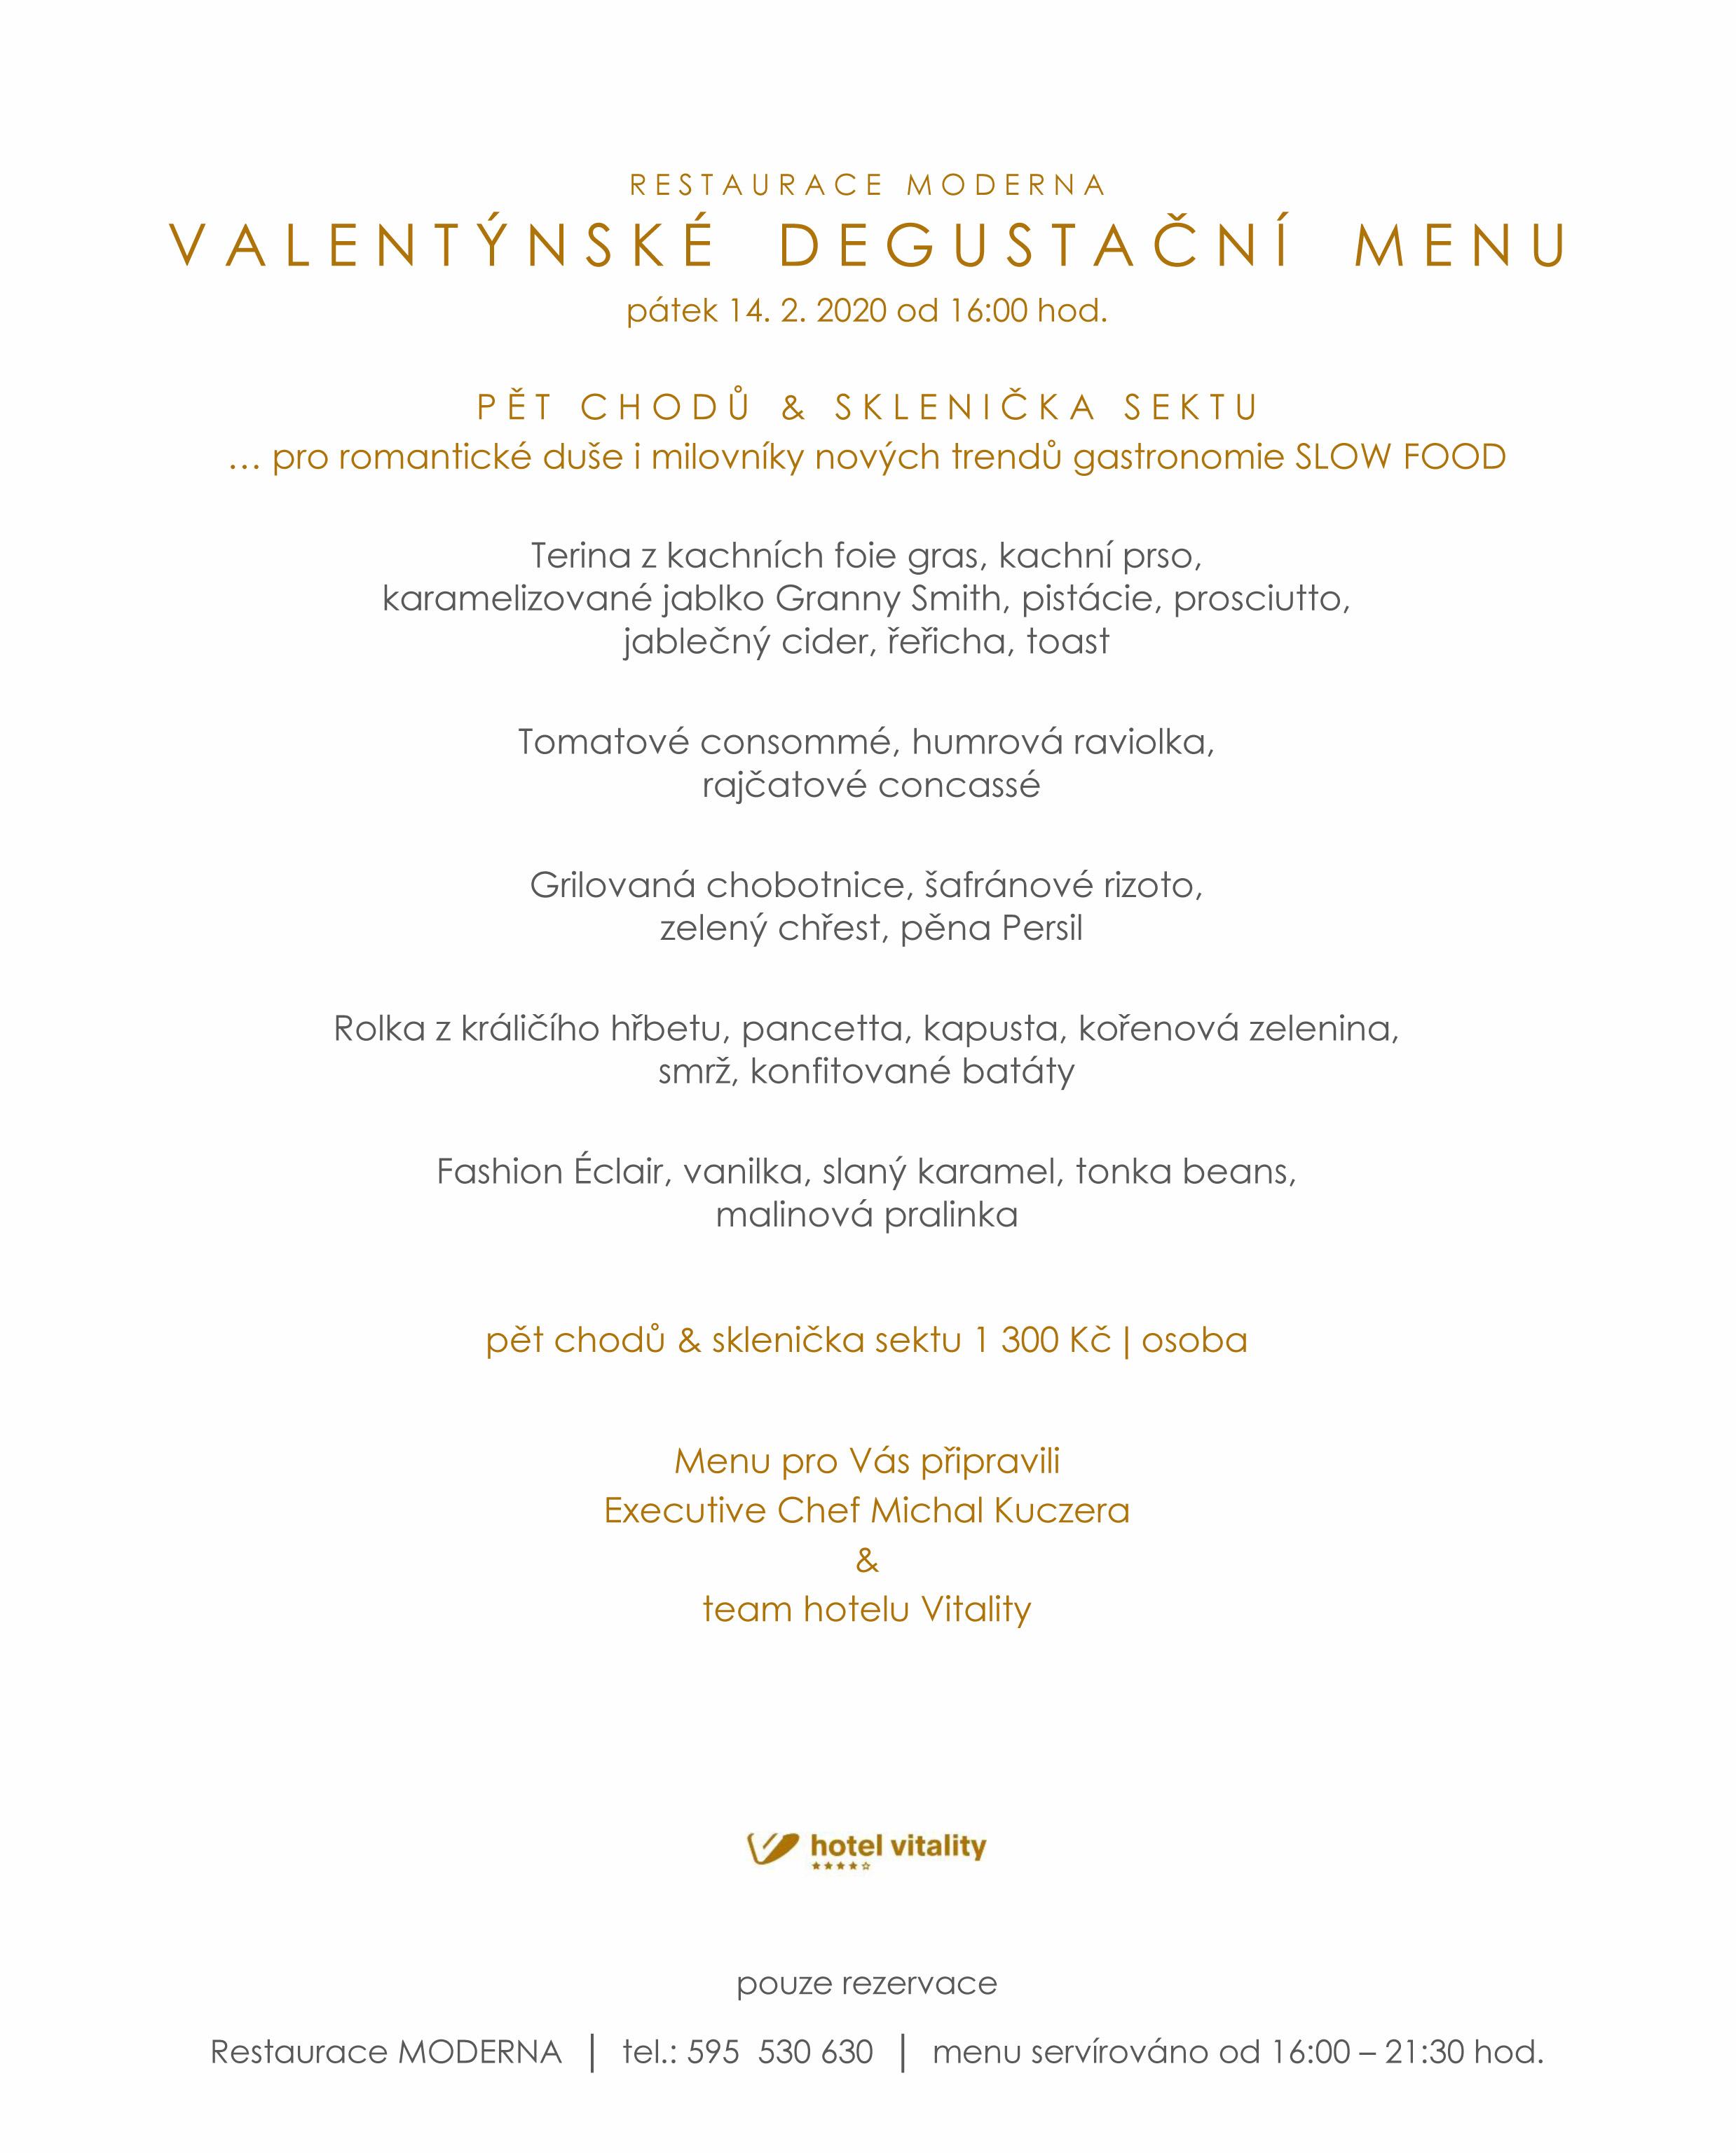 Valentýnské menu v restauraci Moderna